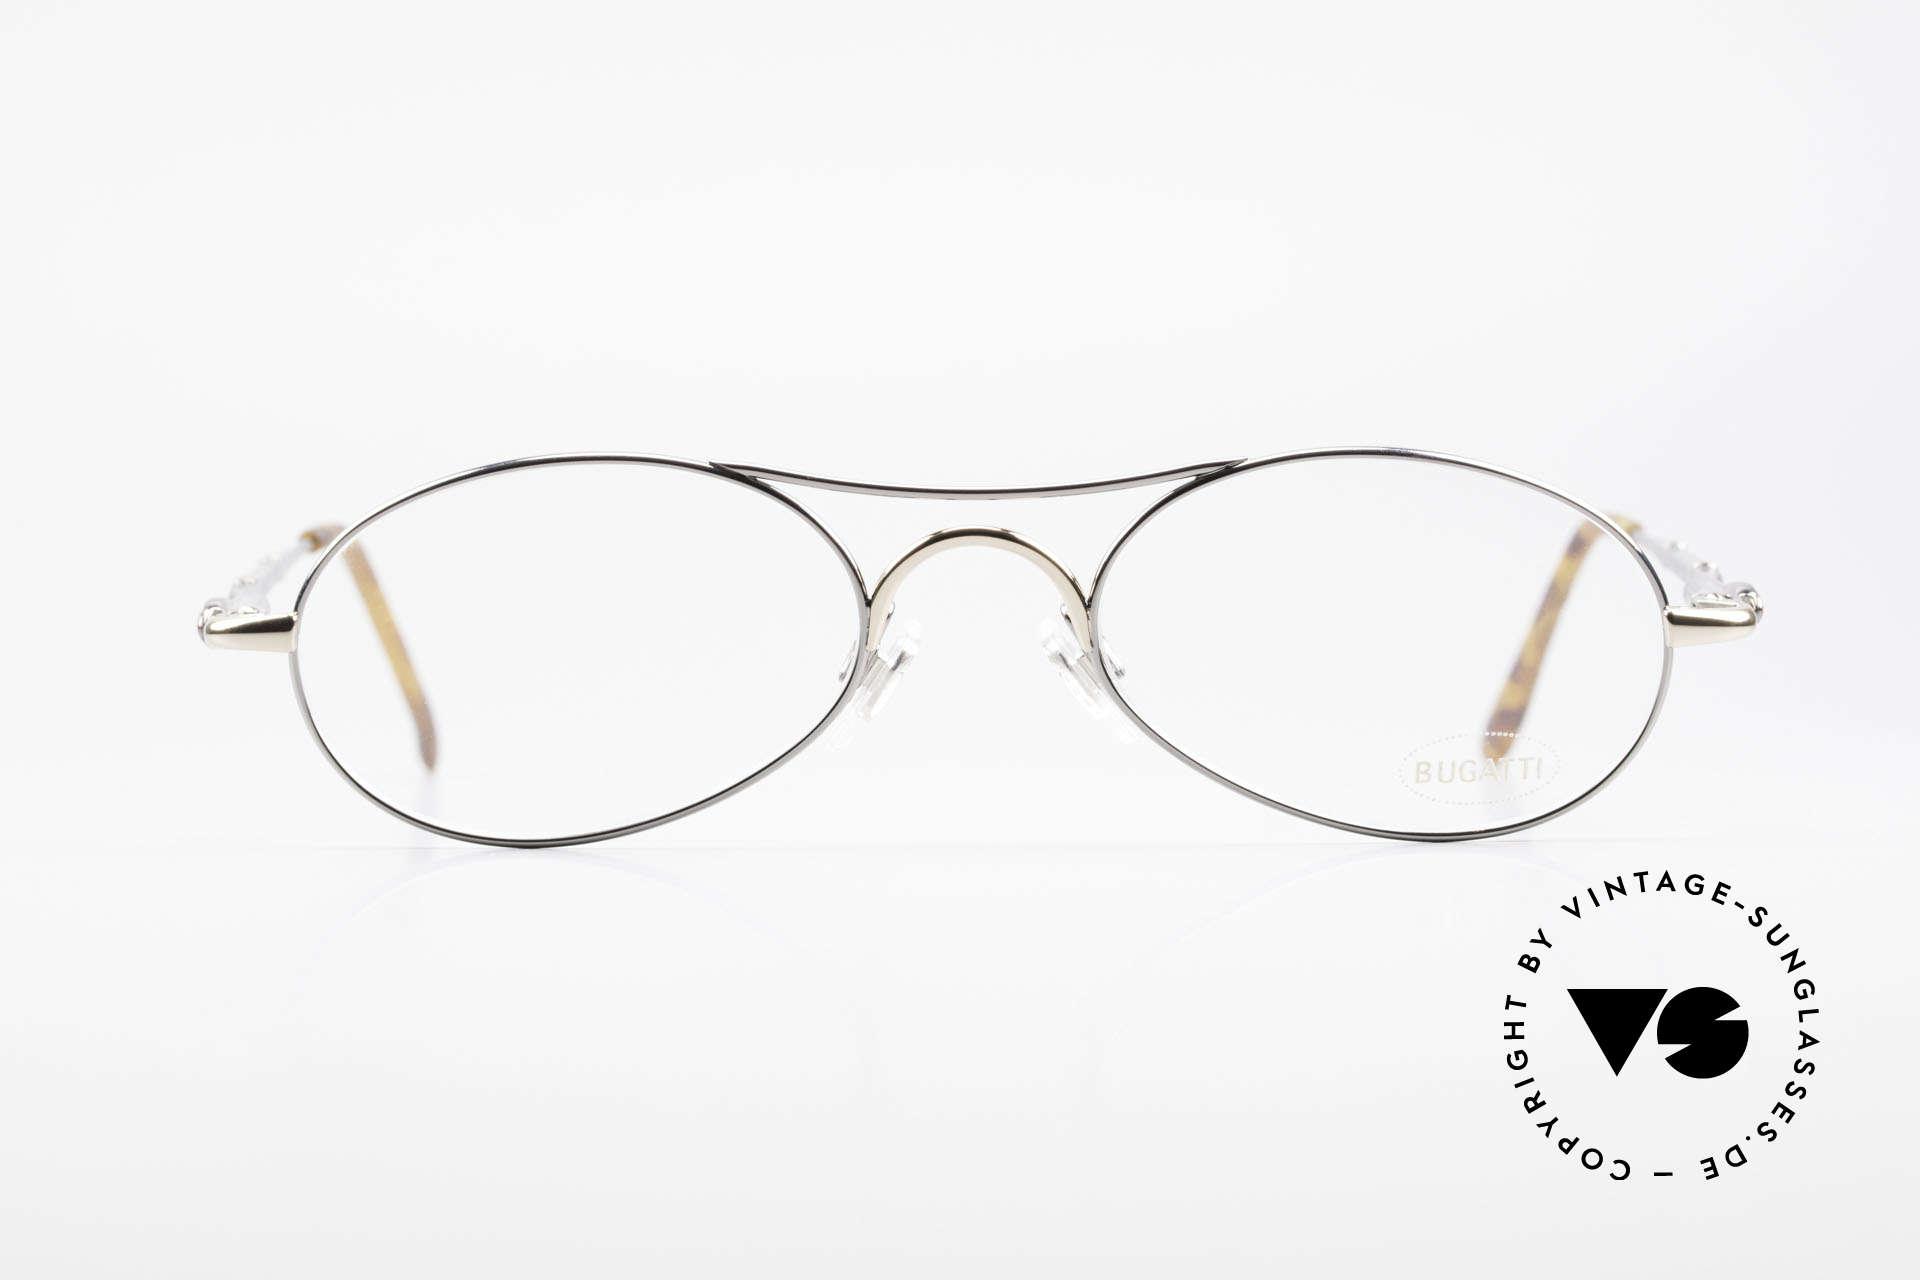 Bugatti 10692 Rare Luxury Men's Eyeglasses, ergonomic frame design (1st class wearing comfort), Made for Men